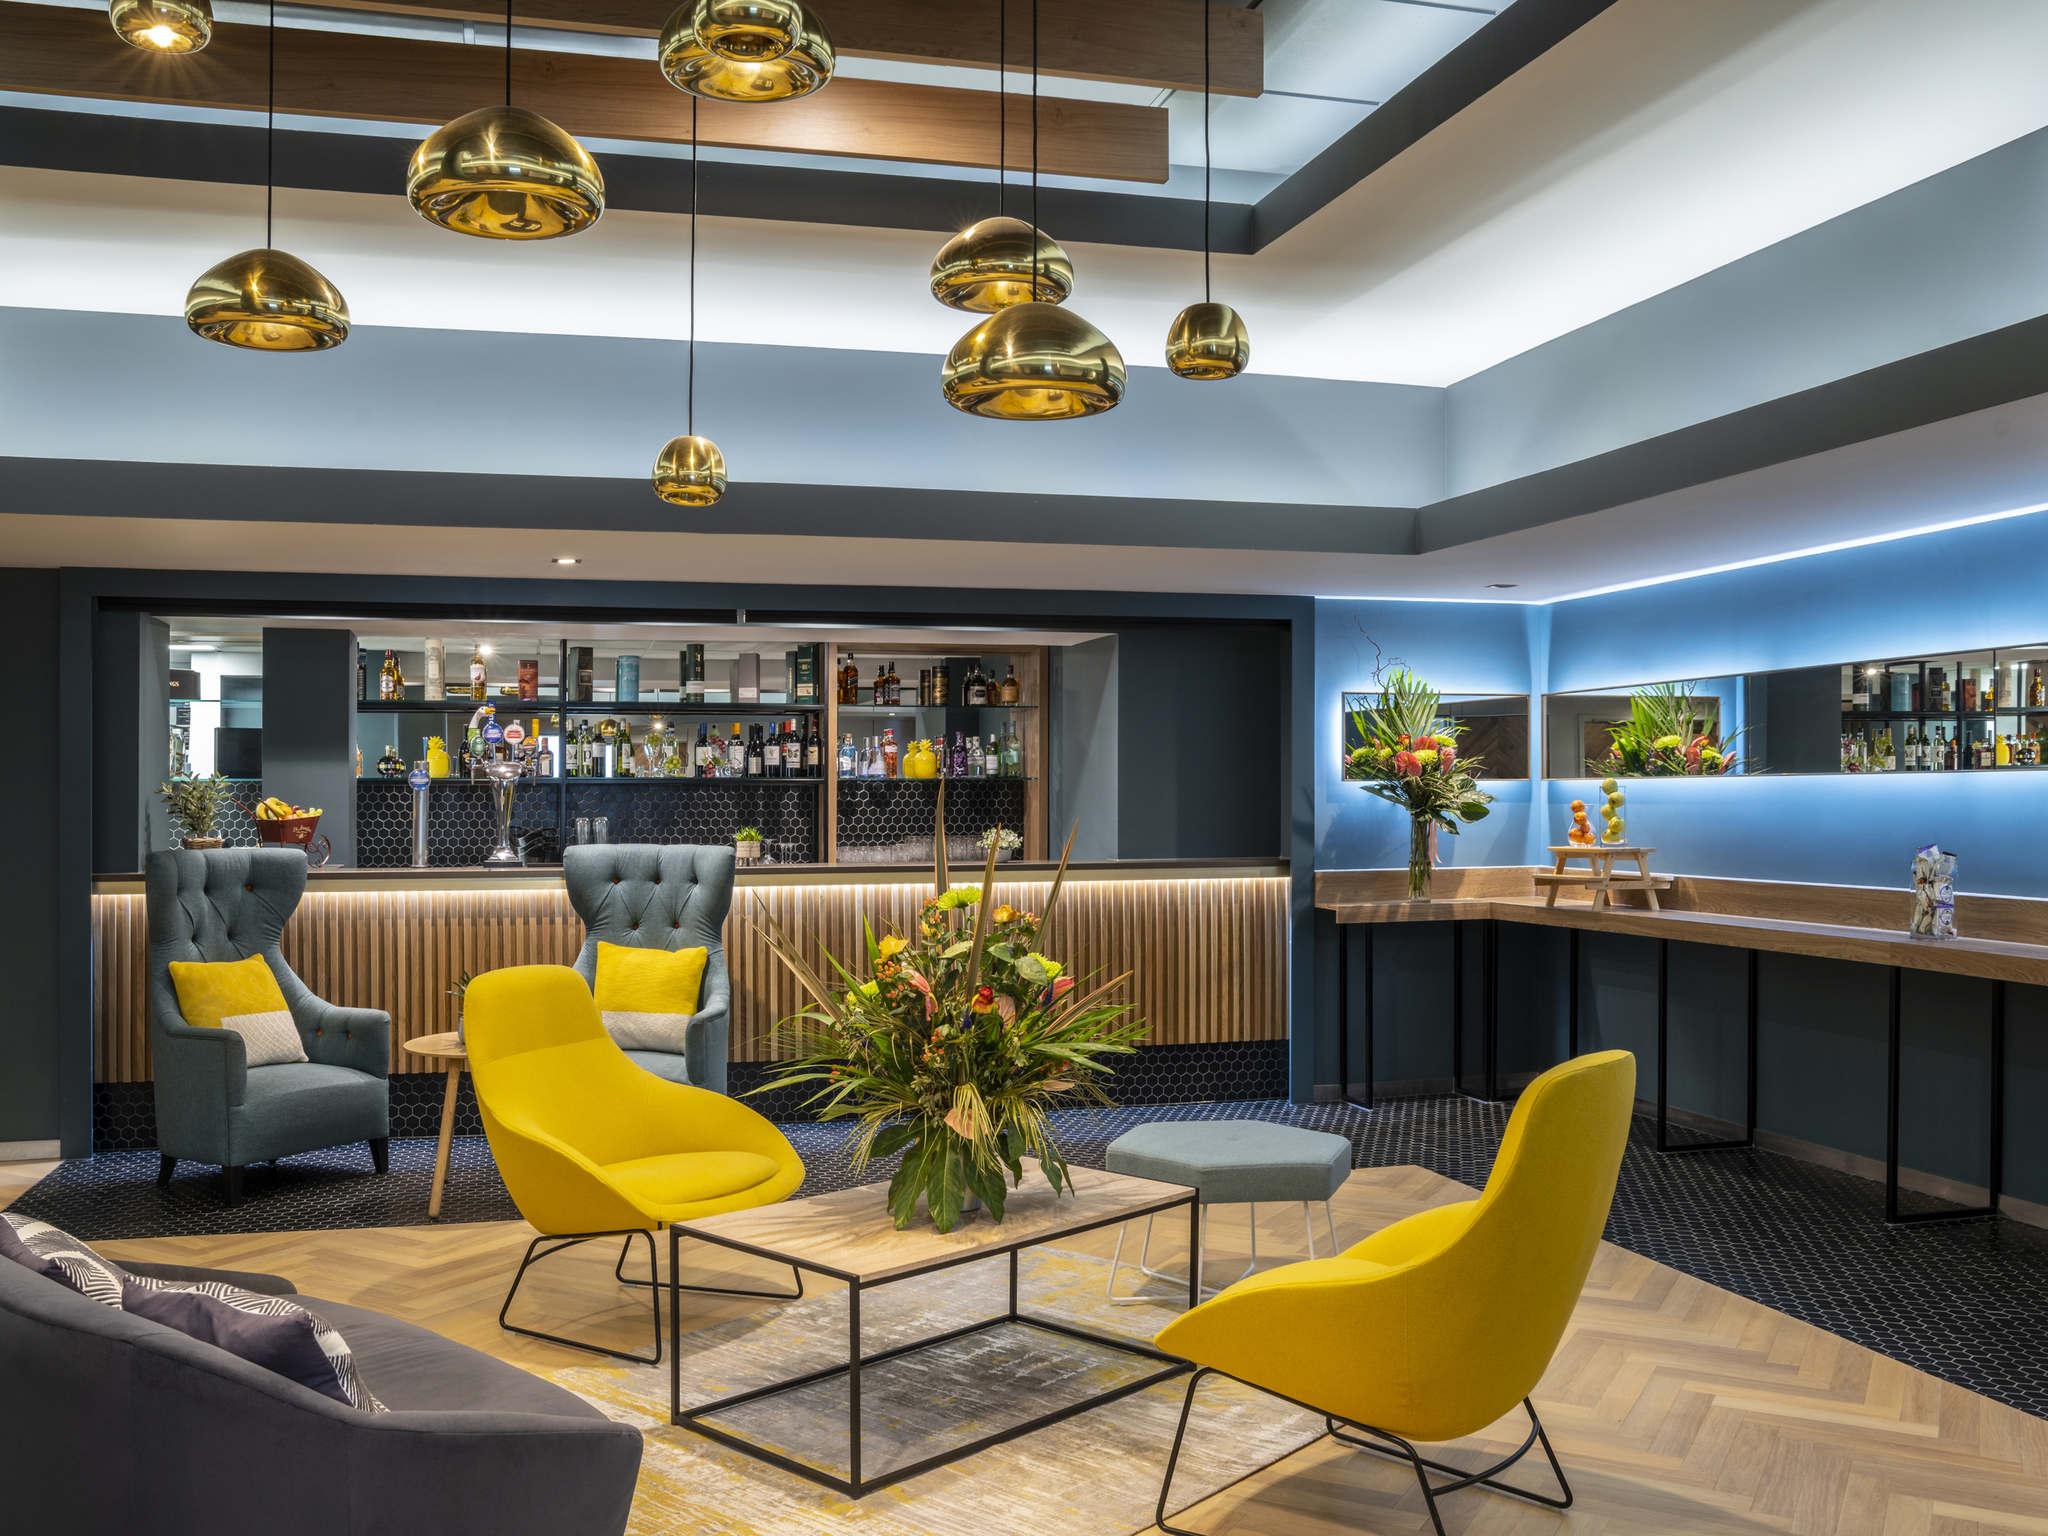 Room Picture Of Premier Inn Edinburgh Park The Gyle Hotel